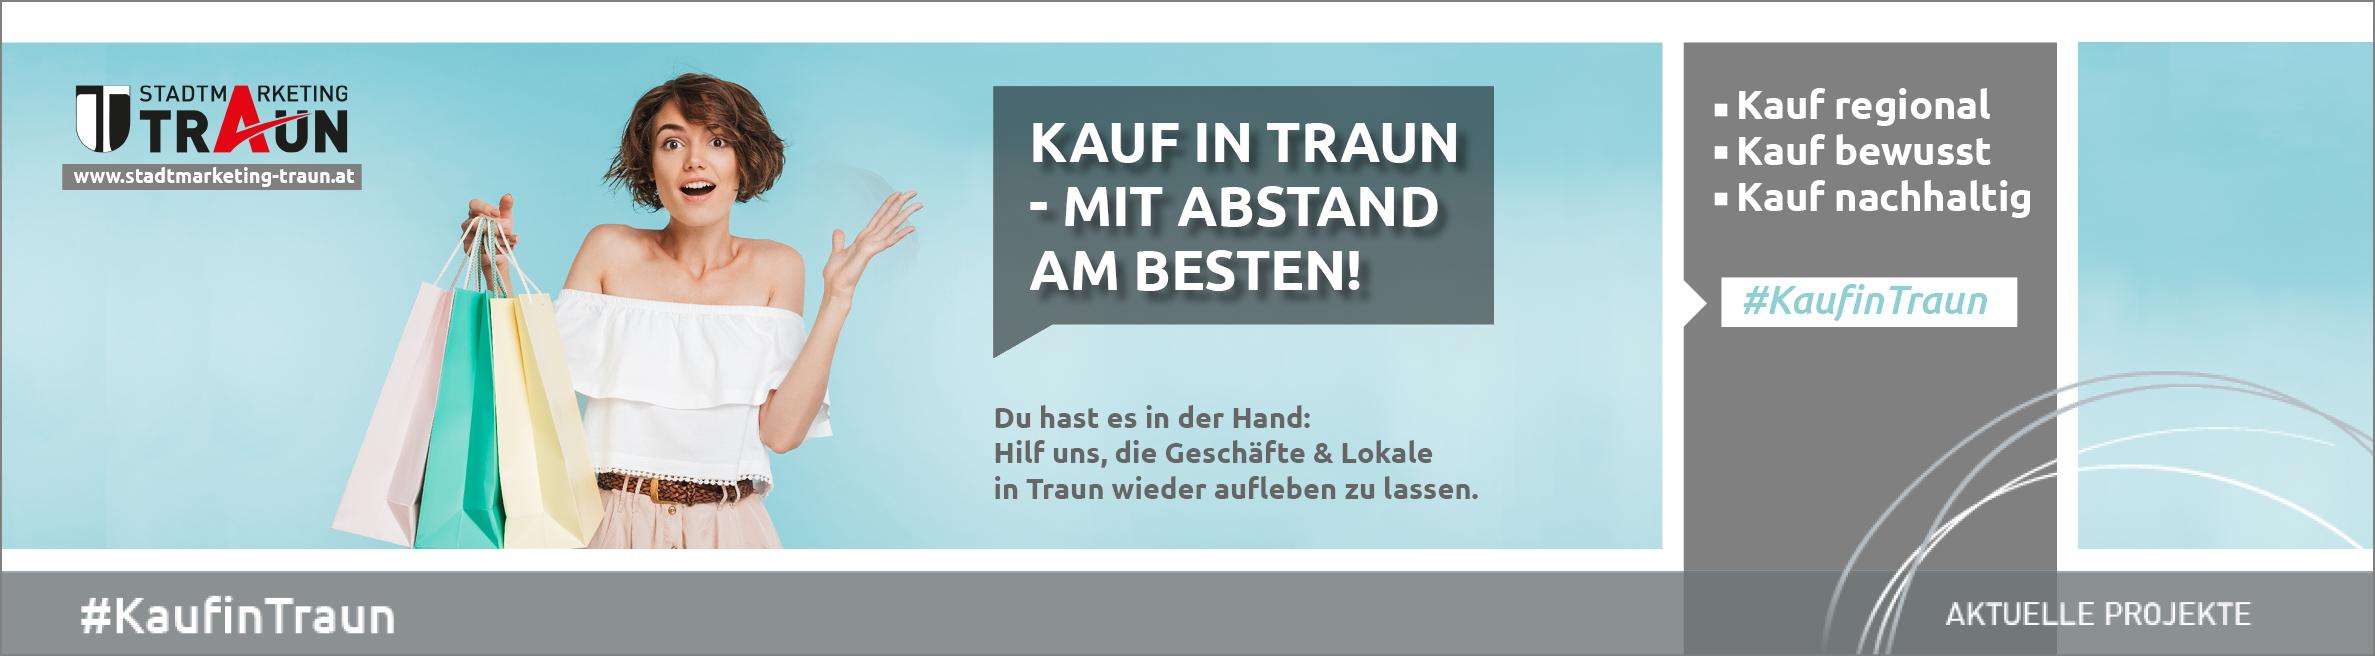 1140x315px_WebseiteHeader_KaufinTraun